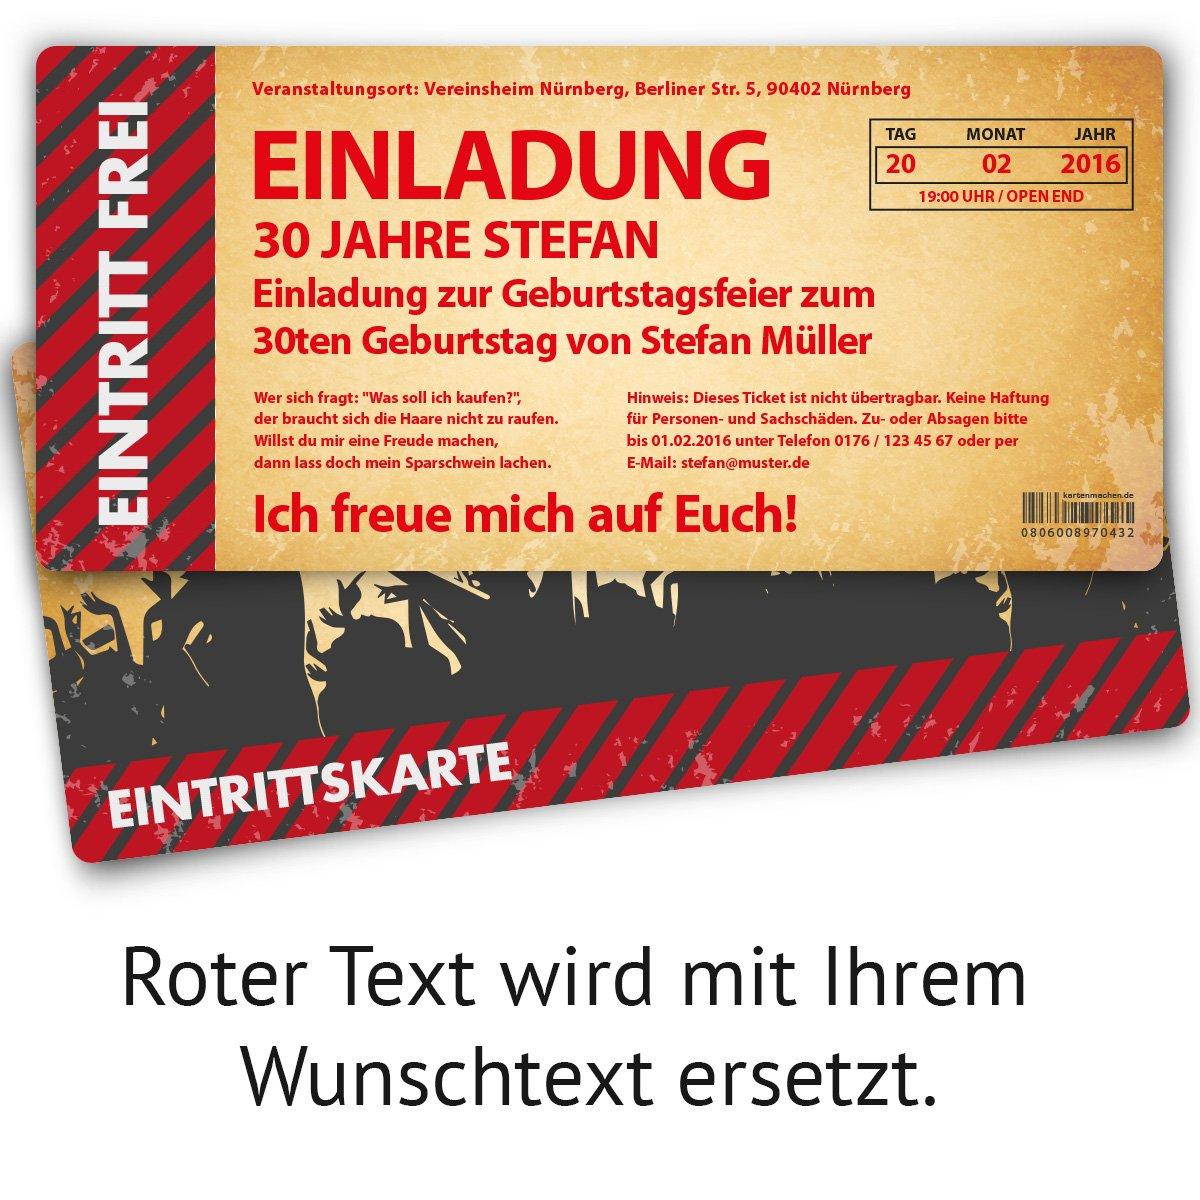 Einladungskarten Zum Geburtstag (40 Stück) Als Eintrittskarte Im  Vintage Look Ticket Karte Einladung: Amazon.de: Bürobedarf U0026 Schreibwaren